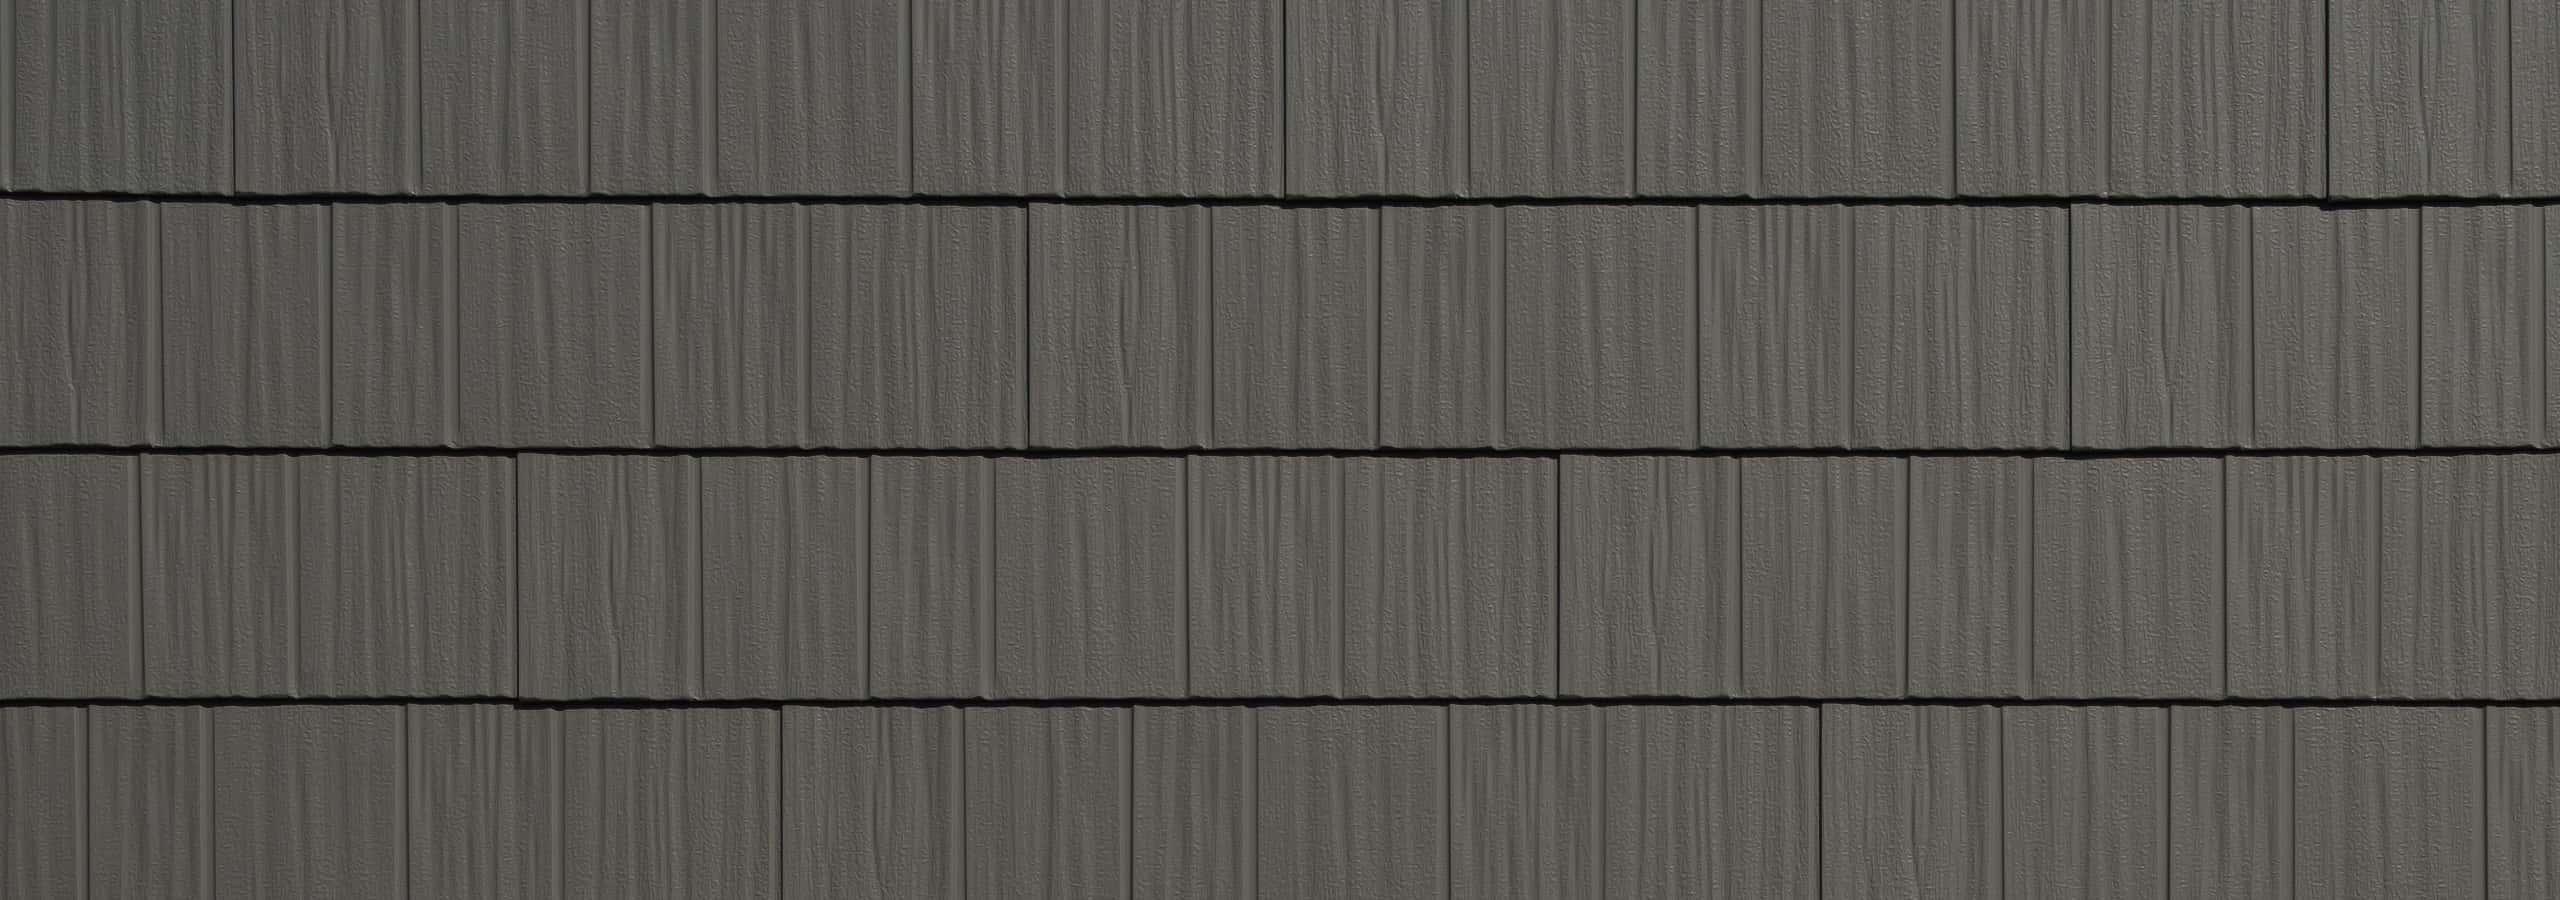 Arrowline® Shake Charcoal Gray